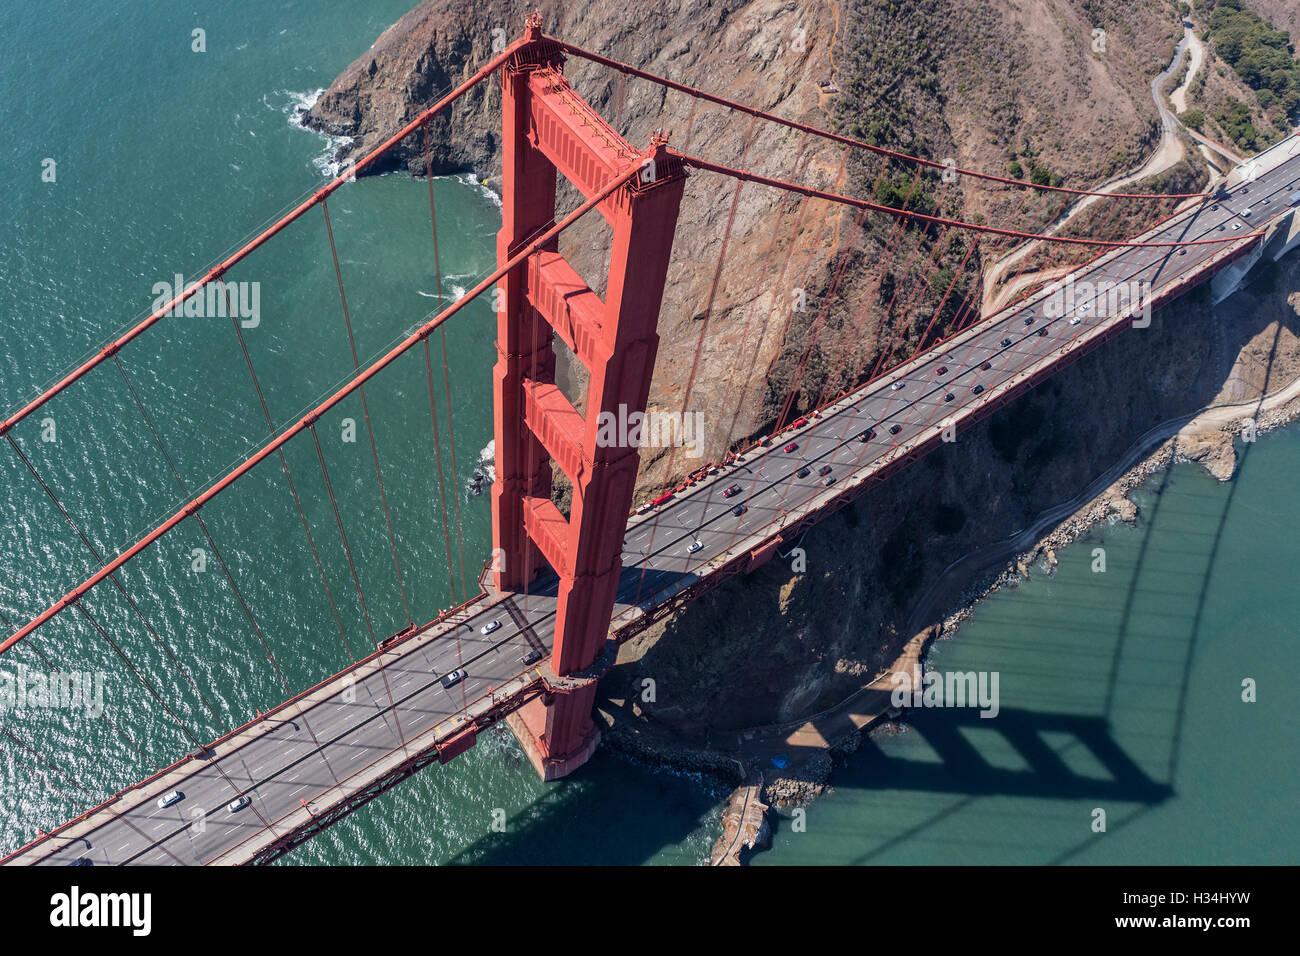 Le Golden Gate Bridge, Marin pointe et la baie de San Francisco vue aérienne. Photo Stock